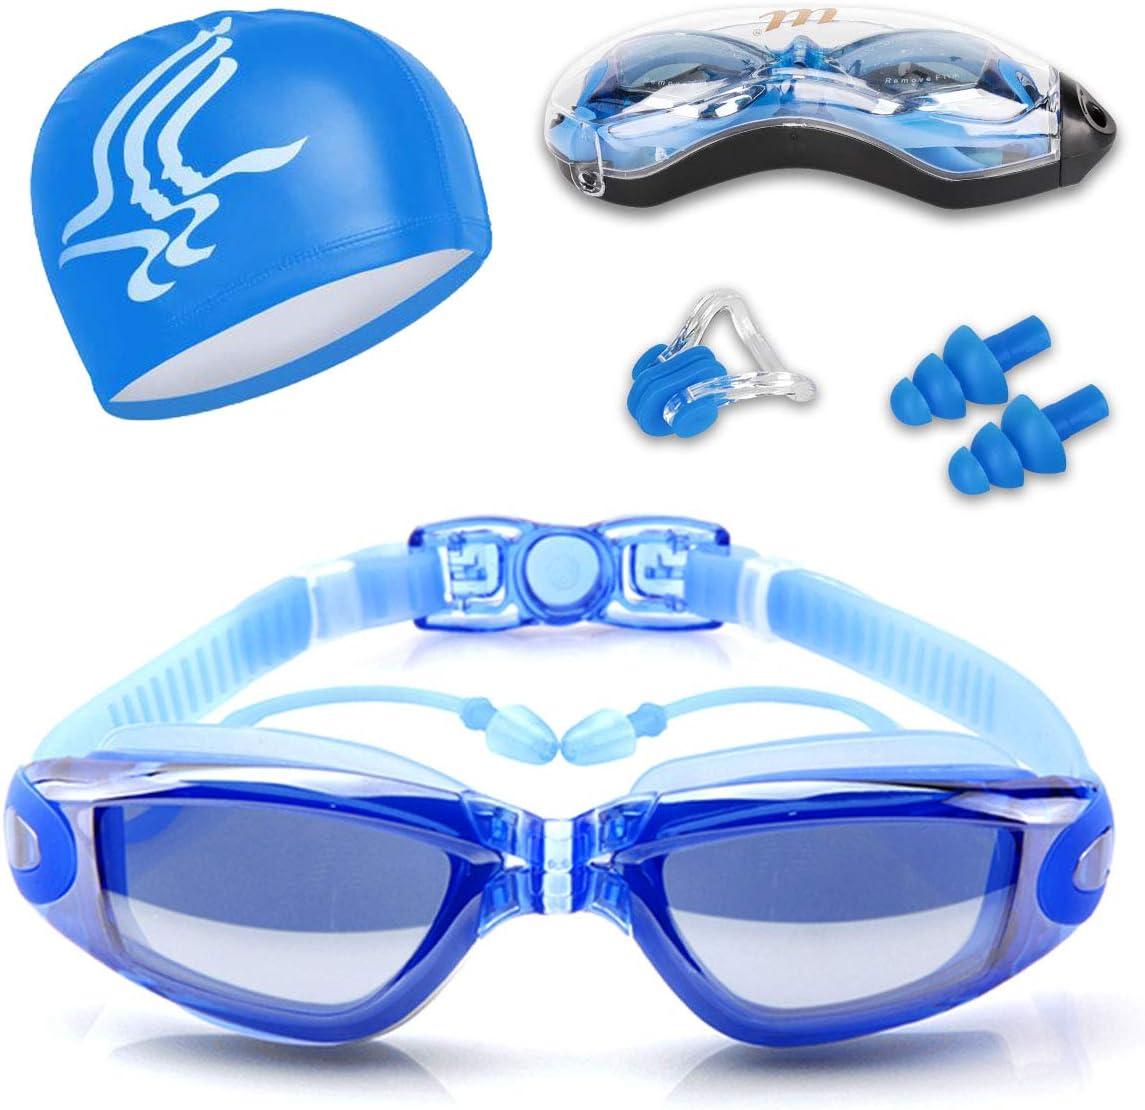 Gafas de Natación, Antiniebla Protección UV Sin Fugas Gafas Natación con Libre Clip de Nariz Enchufe de oído, Visión Amplia Clara para Hombres Mujeres Adultos Niños de la Juventud Niño para Piscina De